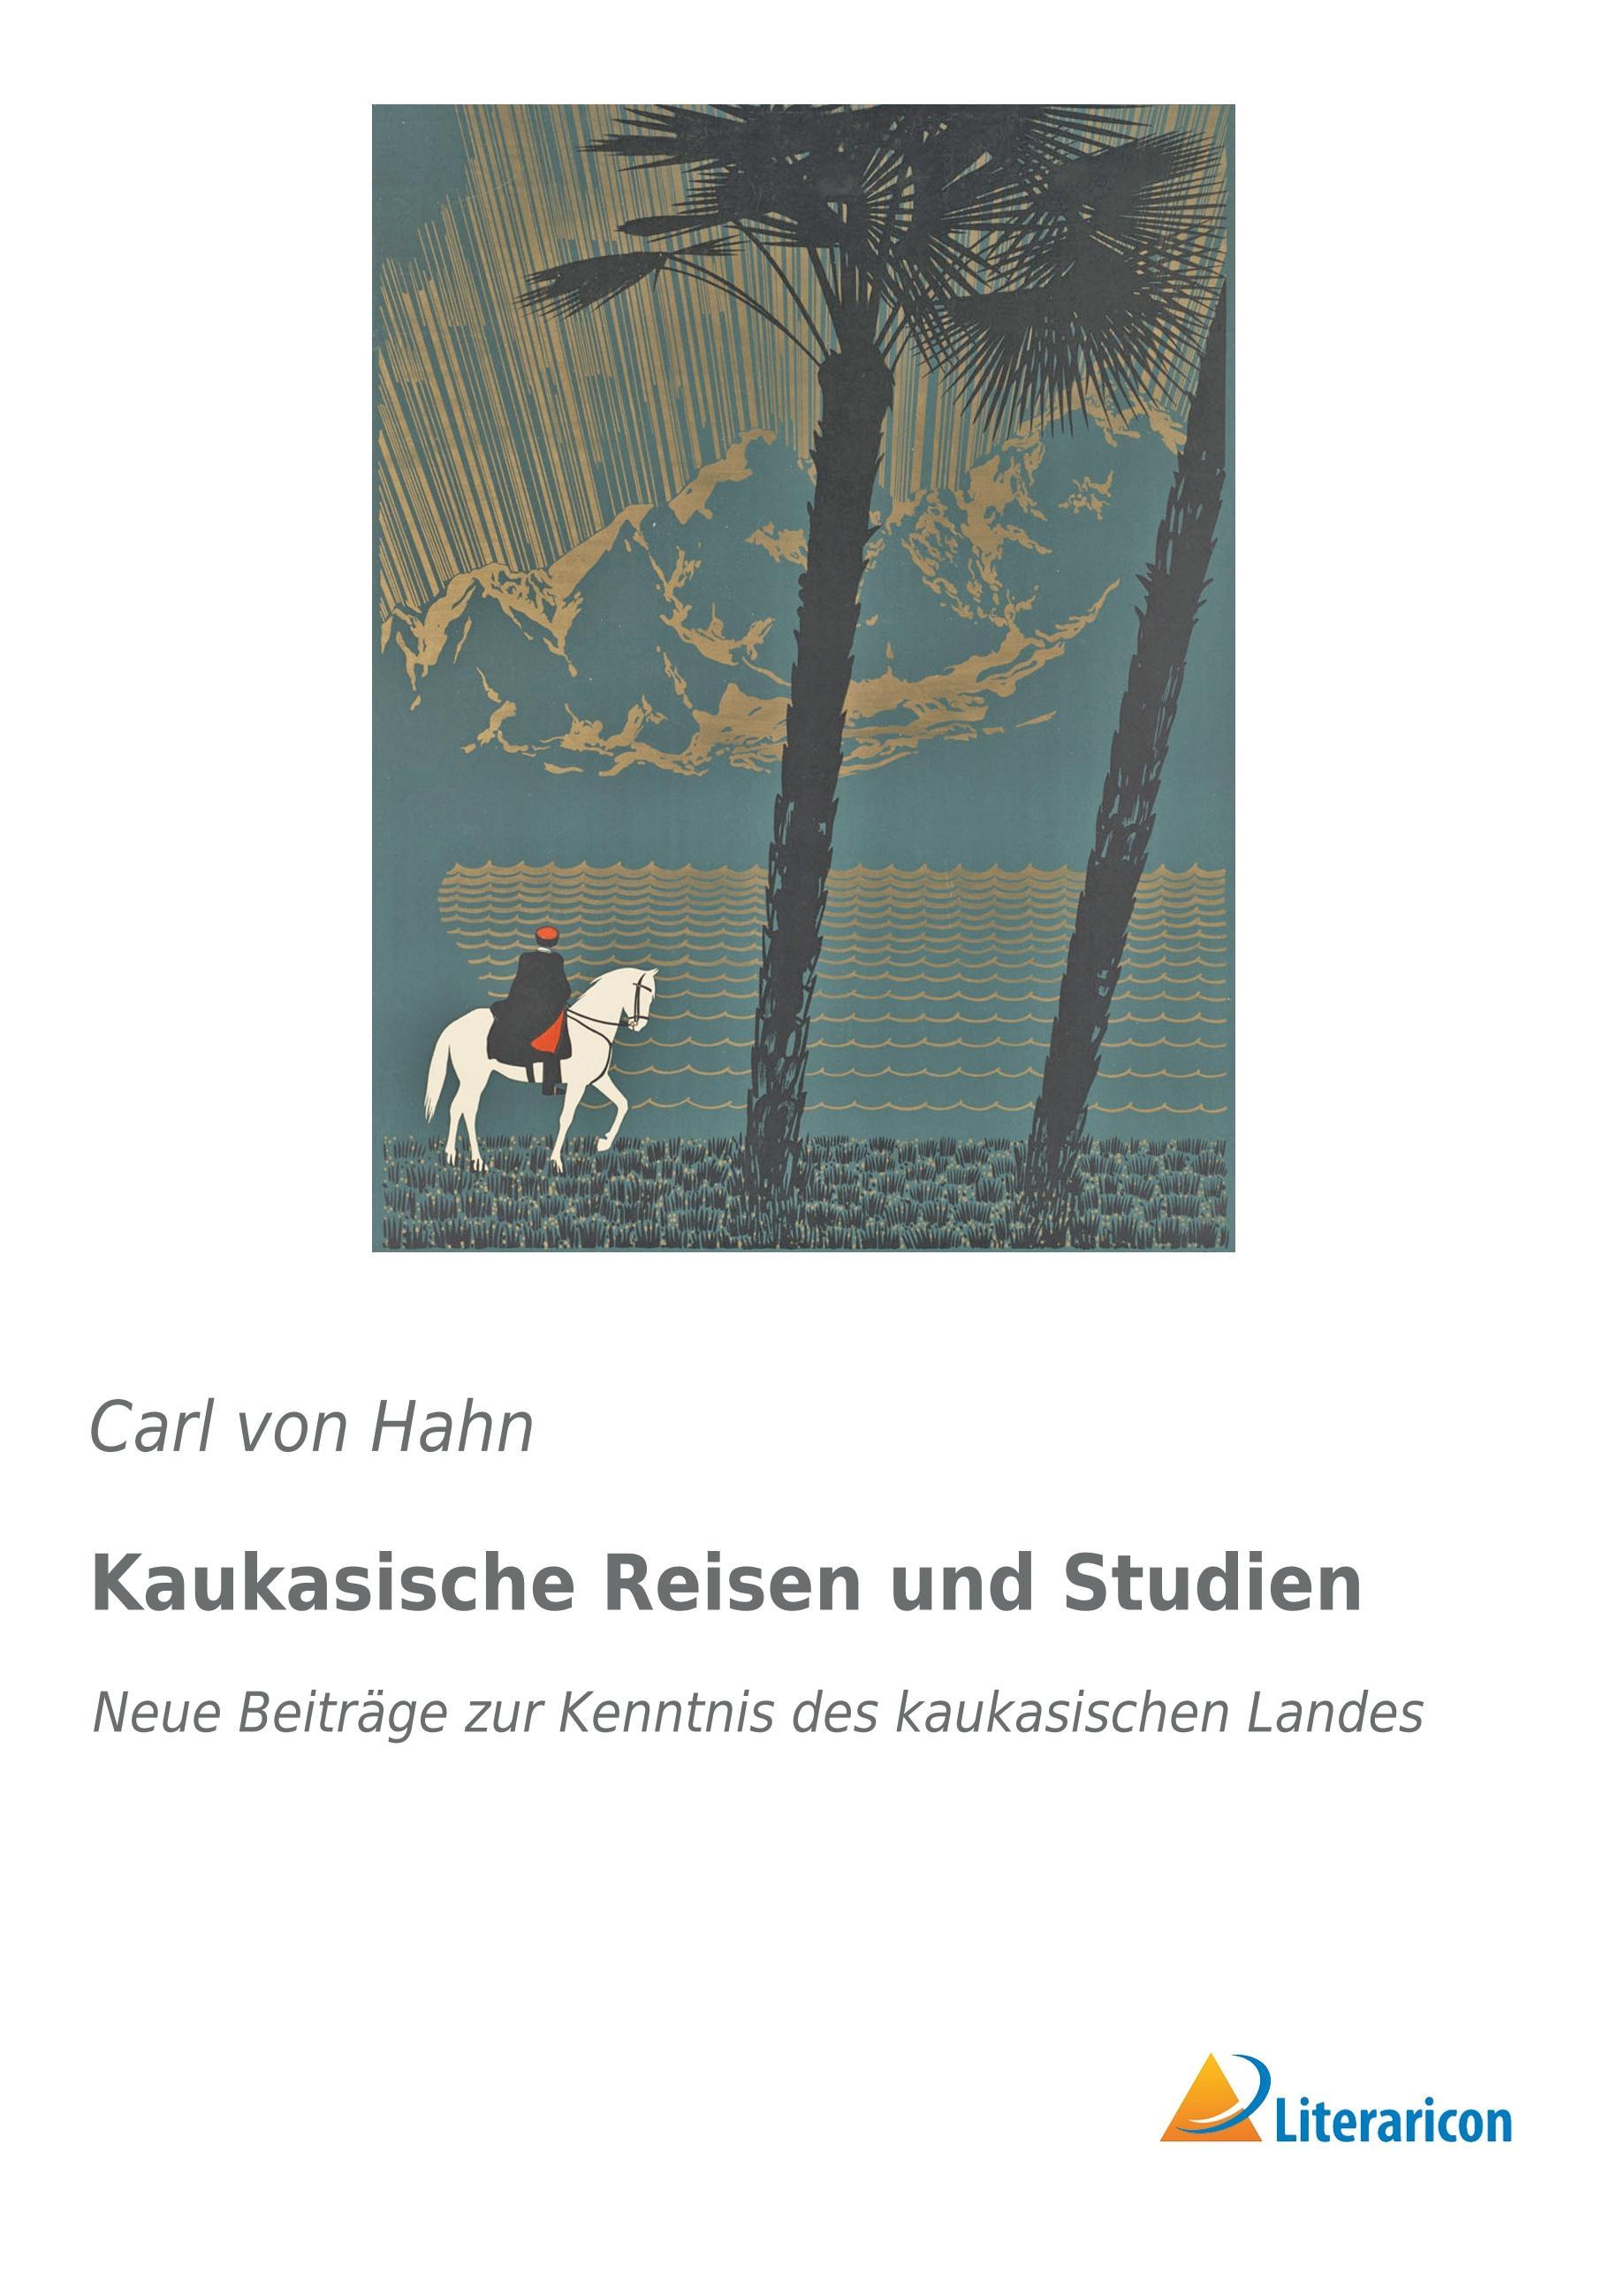 Kaukasische-Reisen-und-Studien-Carl-von-Hahn